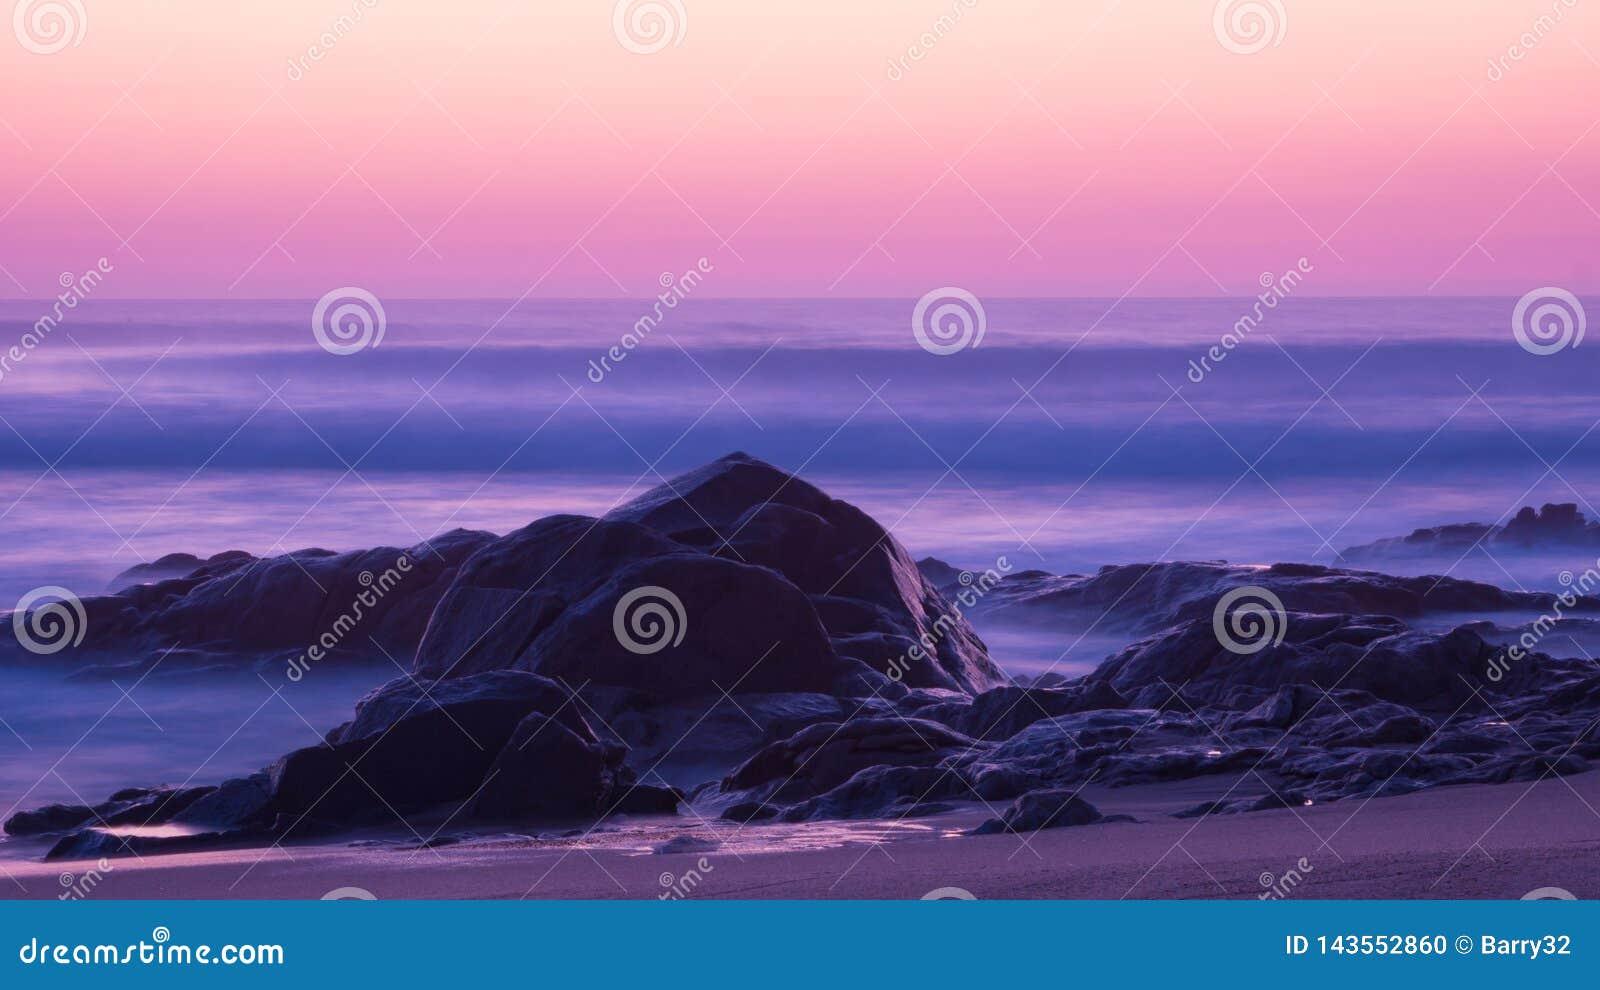 De lange blootstelling schoot bij schemer over oceaan met erachter rotsen in voorgrond en melkachtige golven